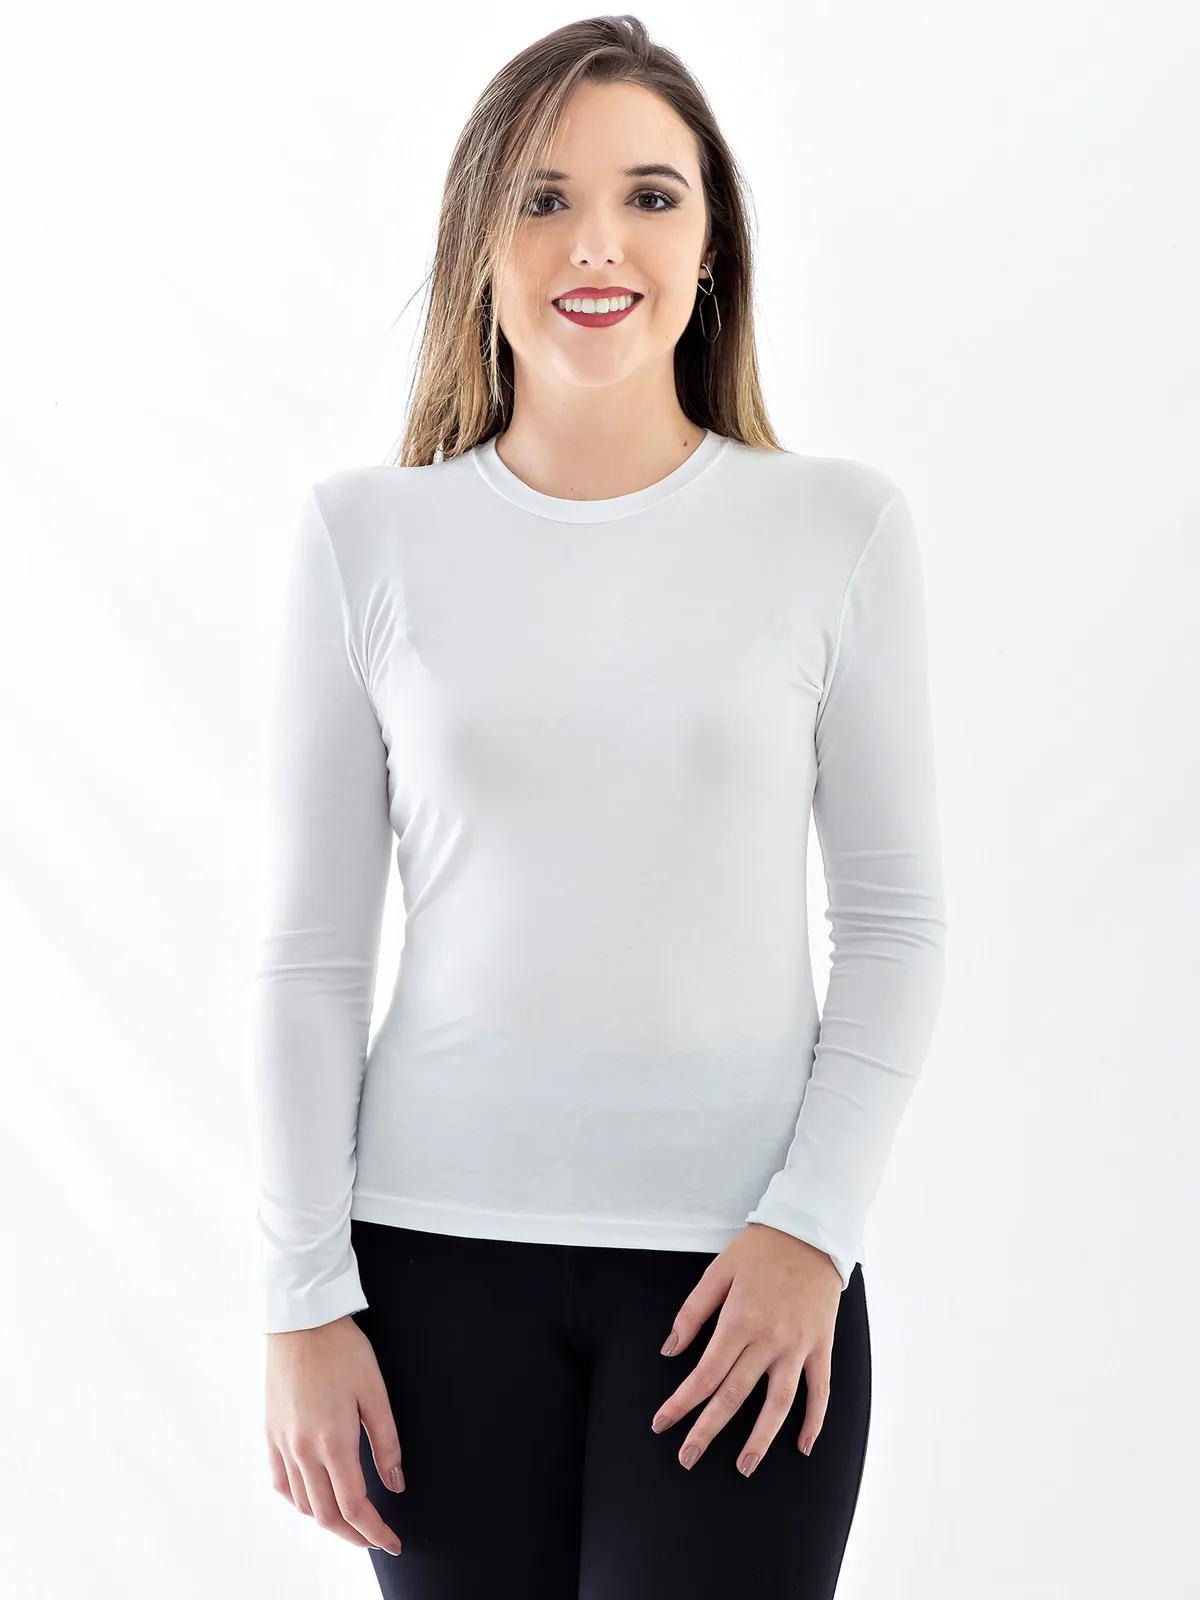 Blusa Feminina de Viscolycra Gola Careca Básica Manga Longa Branca